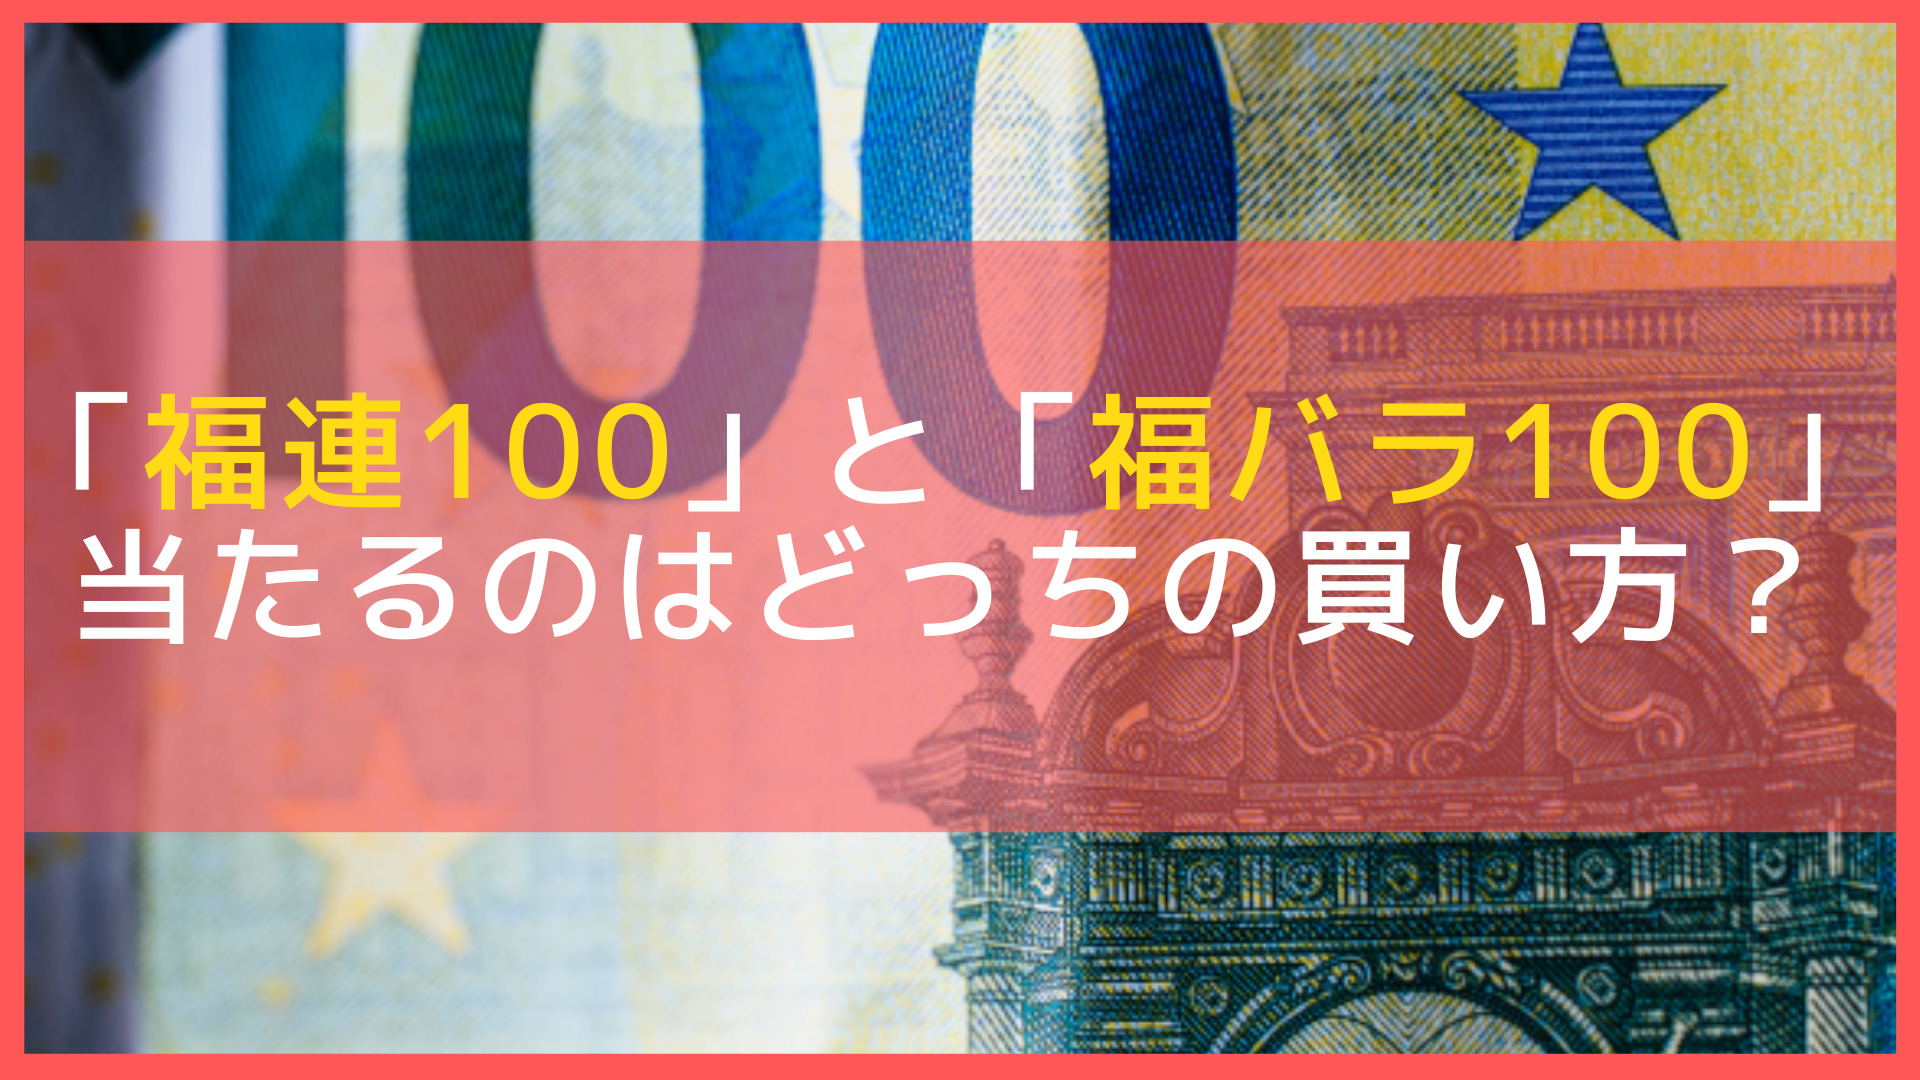 福連100と福バラ100どっちが当たる買い方かの参考画像